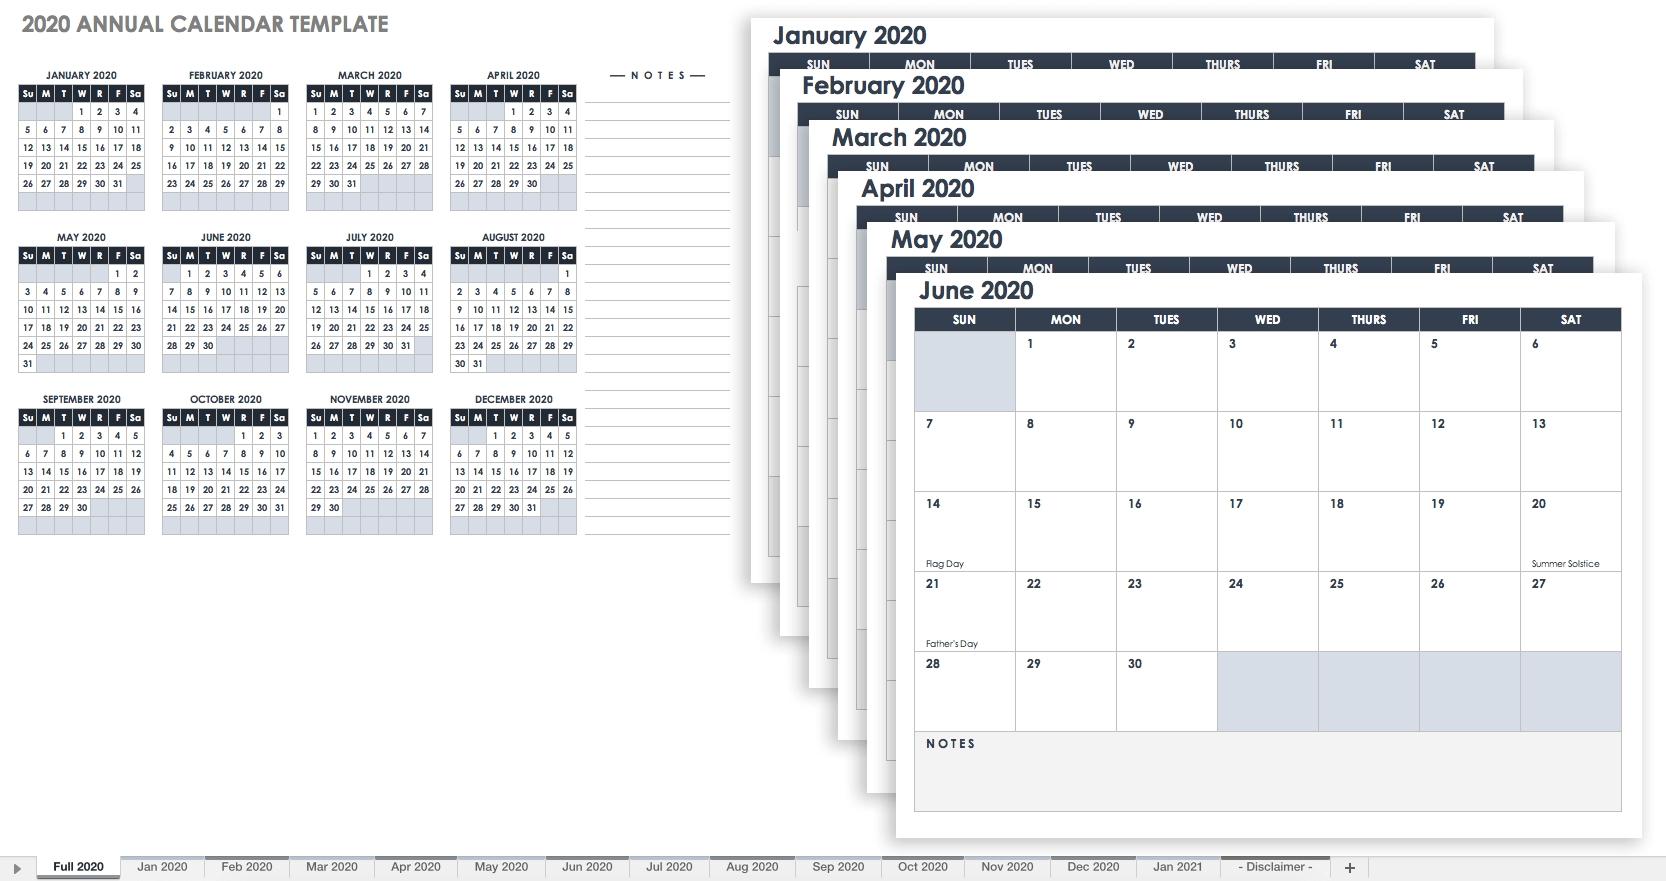 Free Excel Calendar Templates regarding 2019-2020 Quarterly Calendar